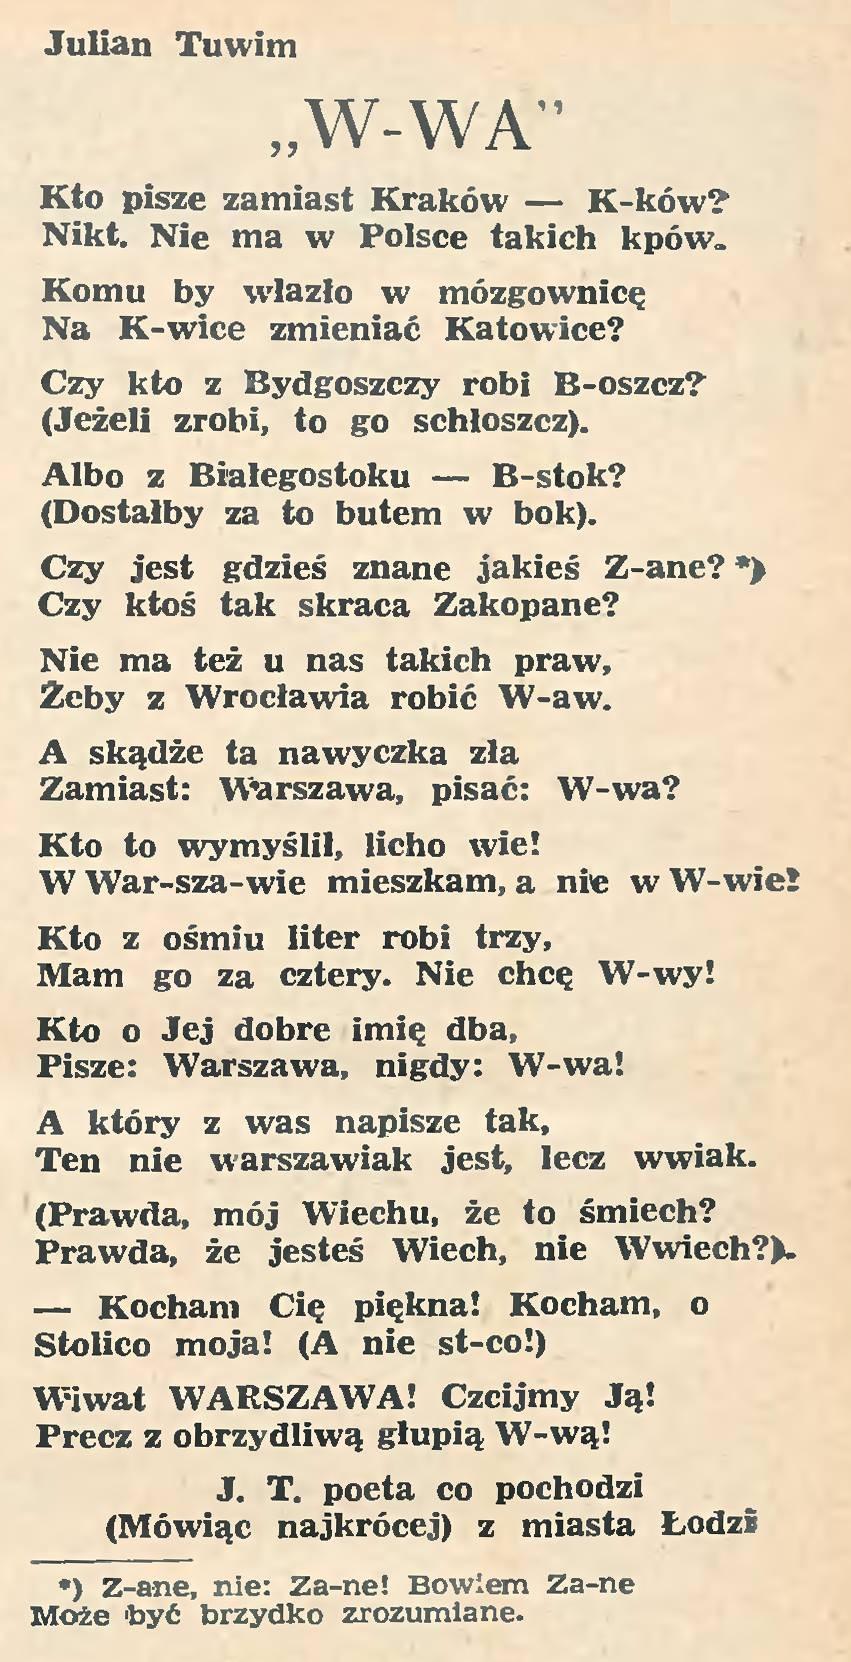 Kto Z Ośmiu Liter Robi Trzy Mam Go Za Cztery Warszawa W